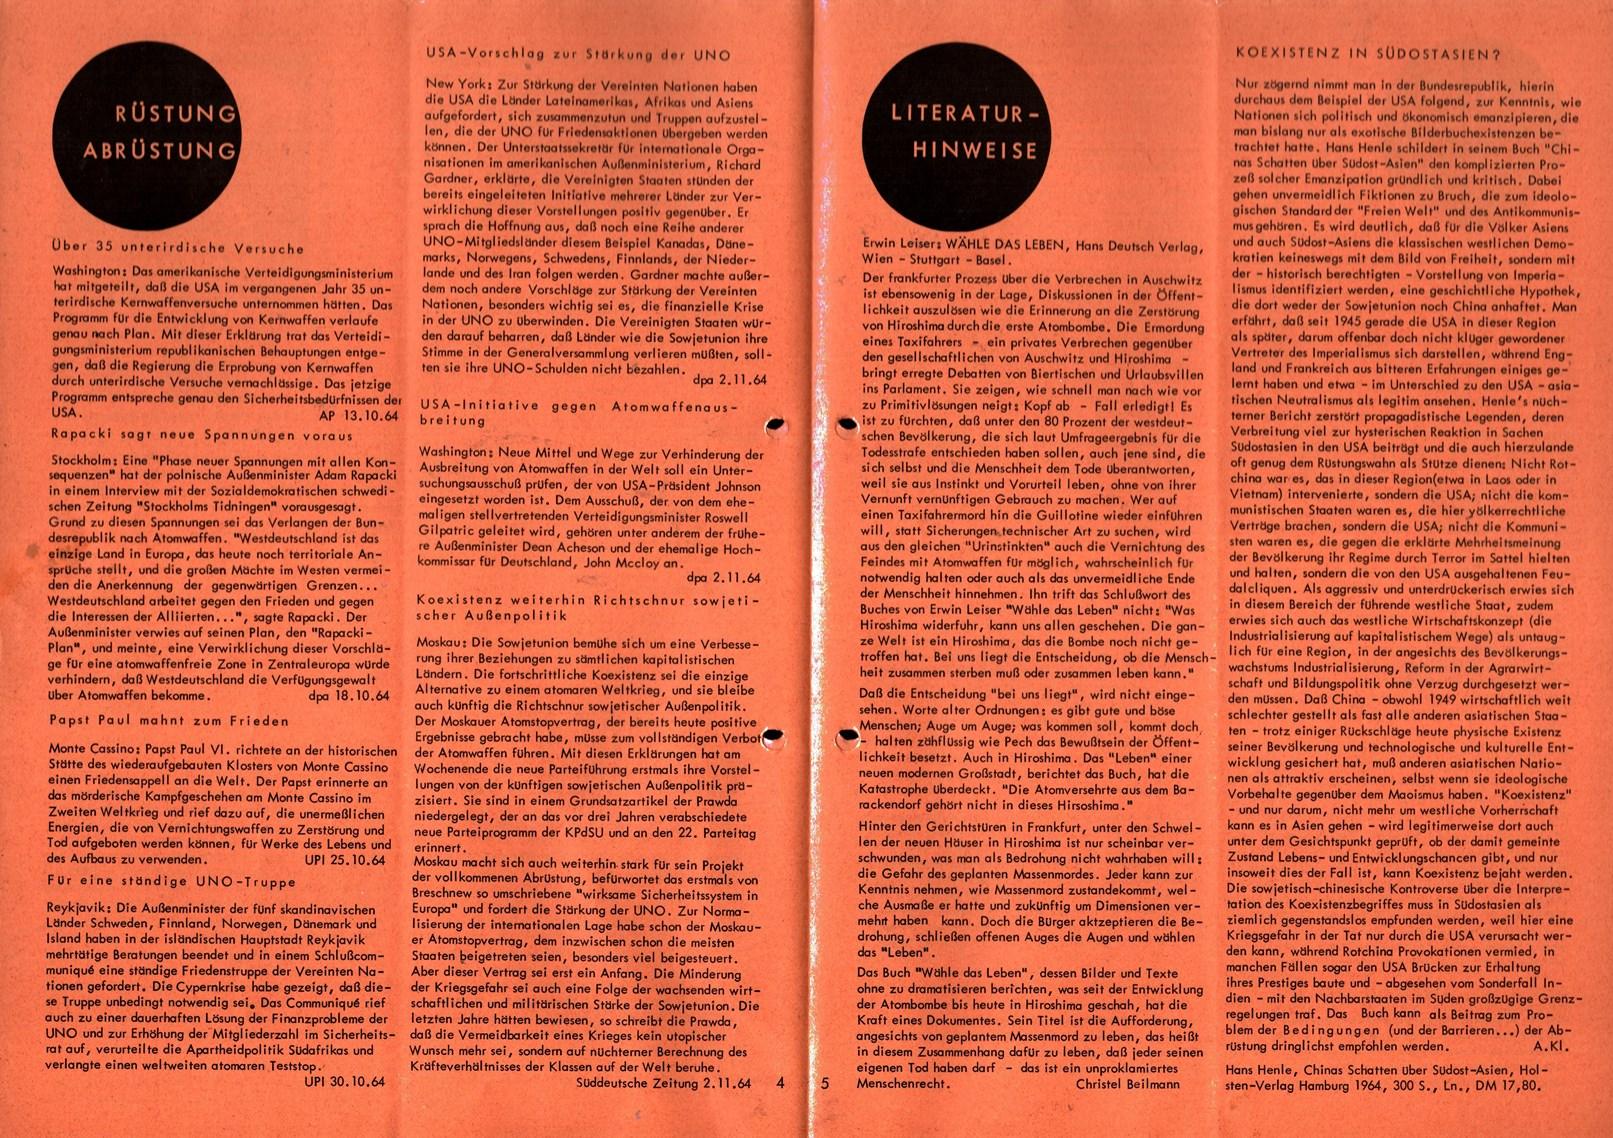 Infos_zur_Abruestung_1964_017_003